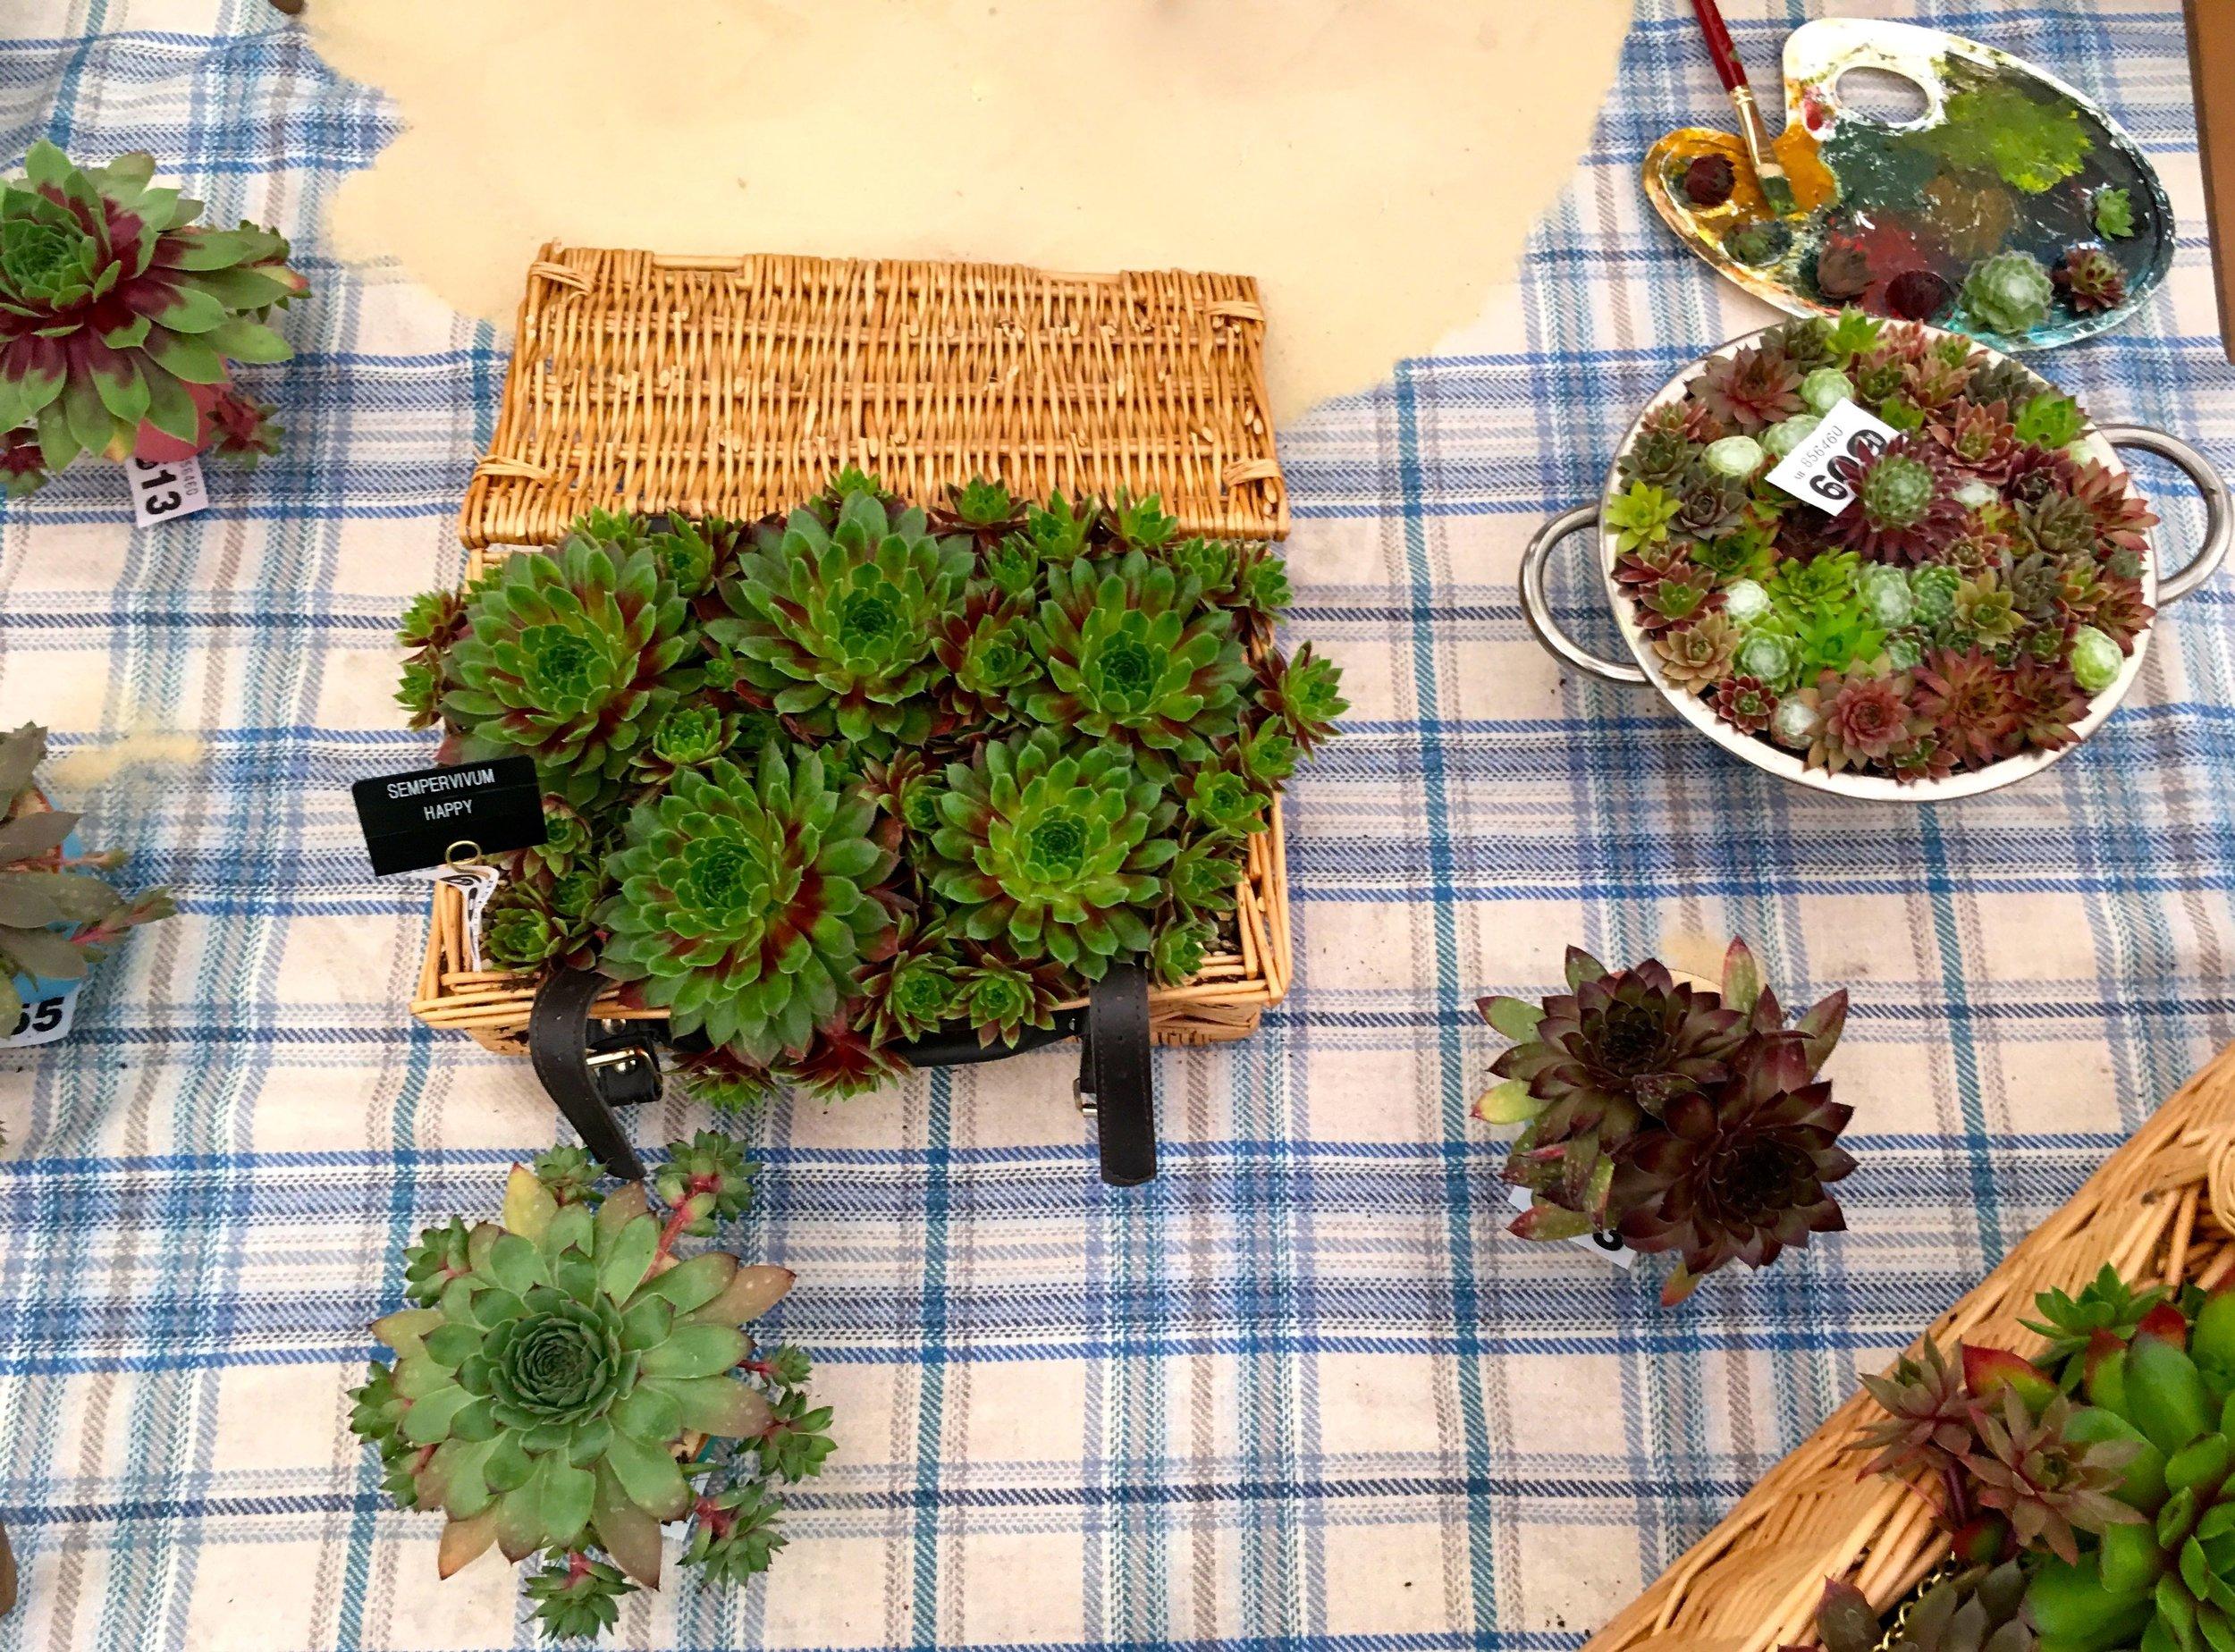 a wicker basket of succulents